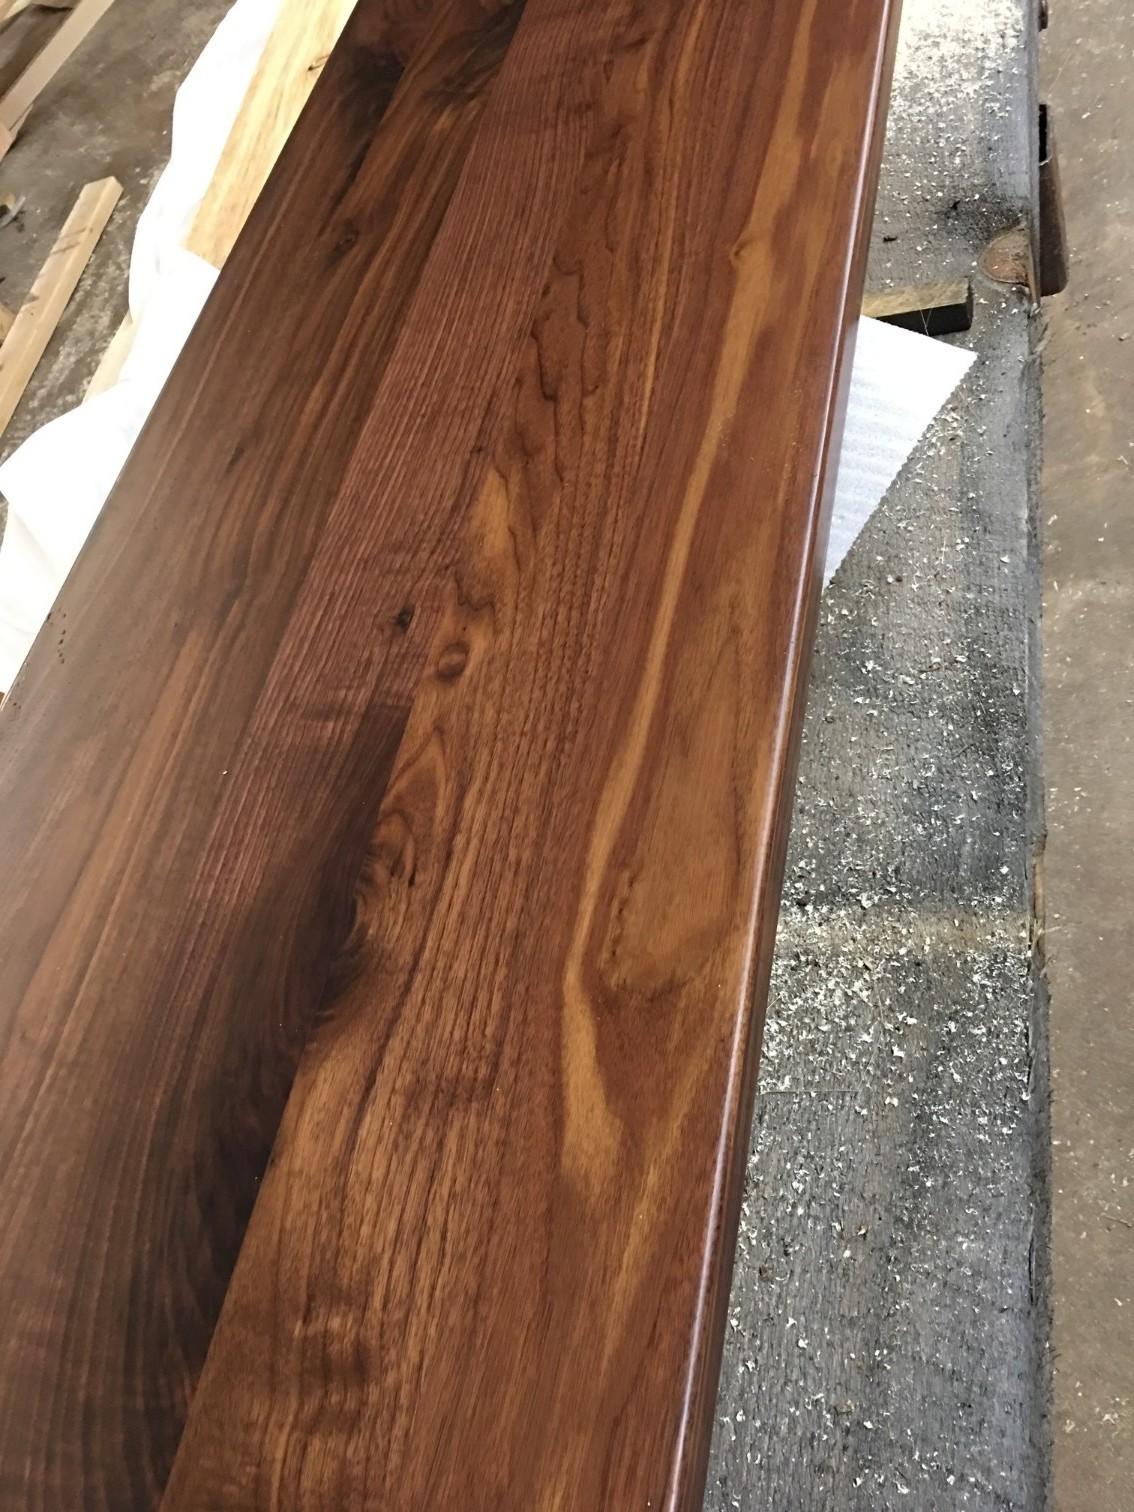 Matelski lumber